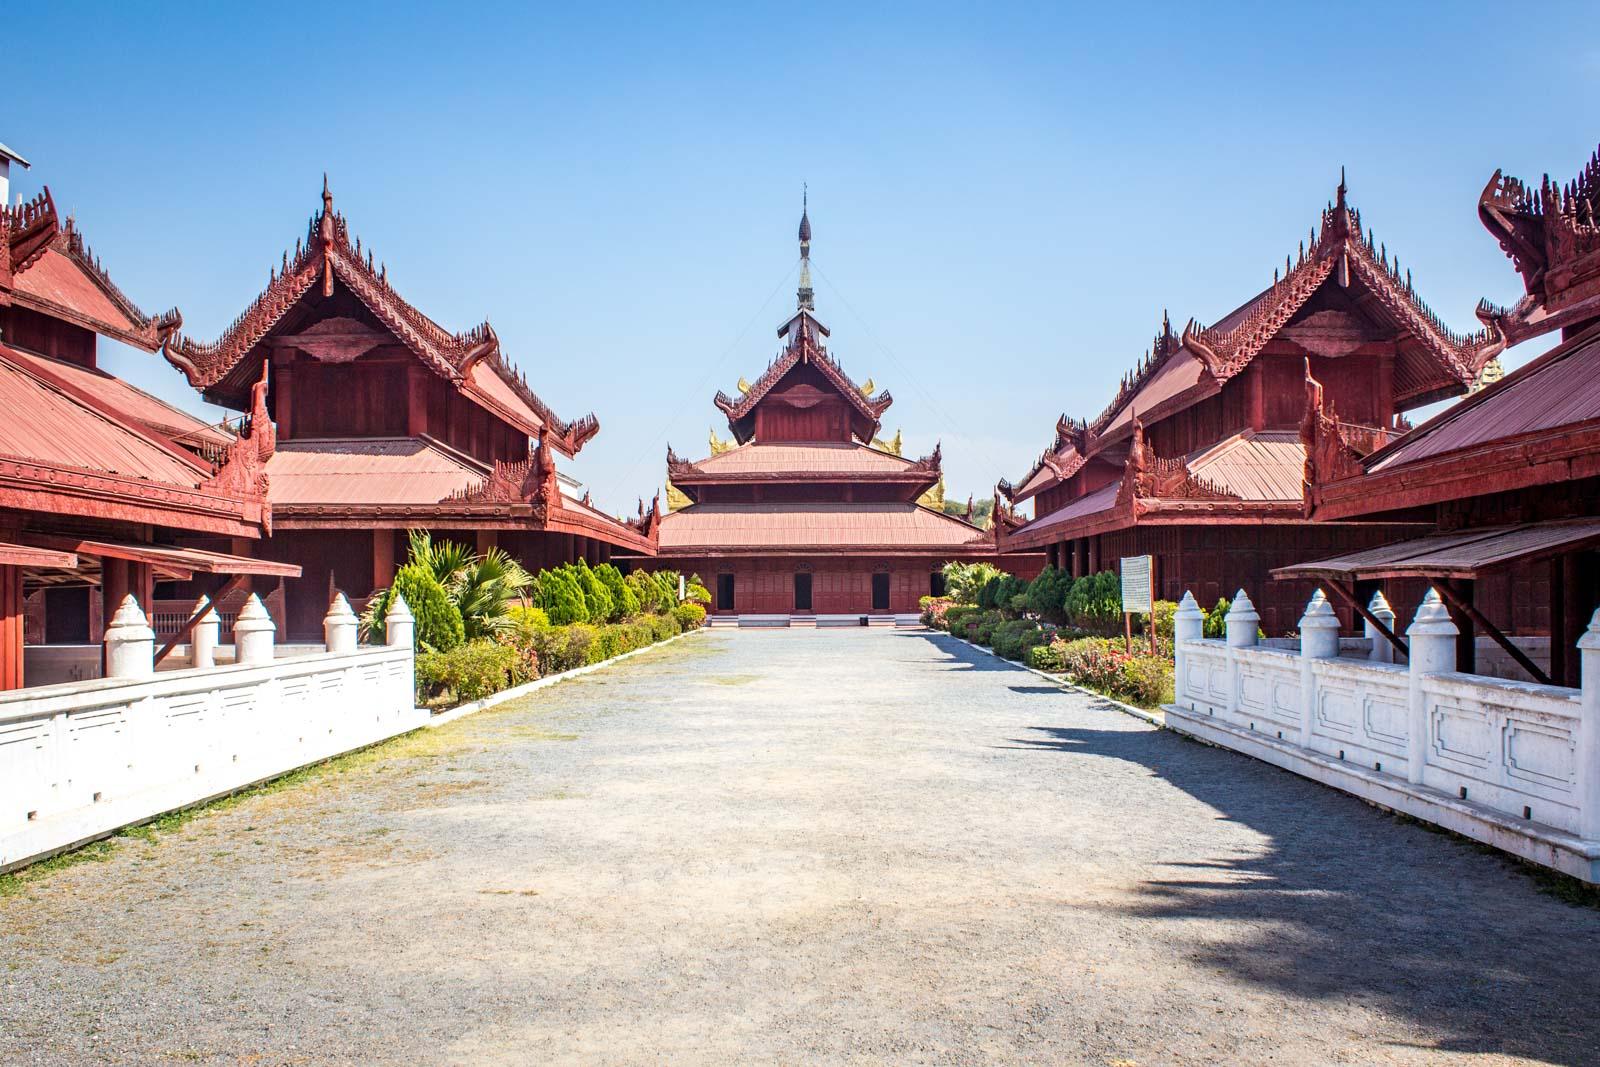 Royal Palace, Mandalay, Myanmar